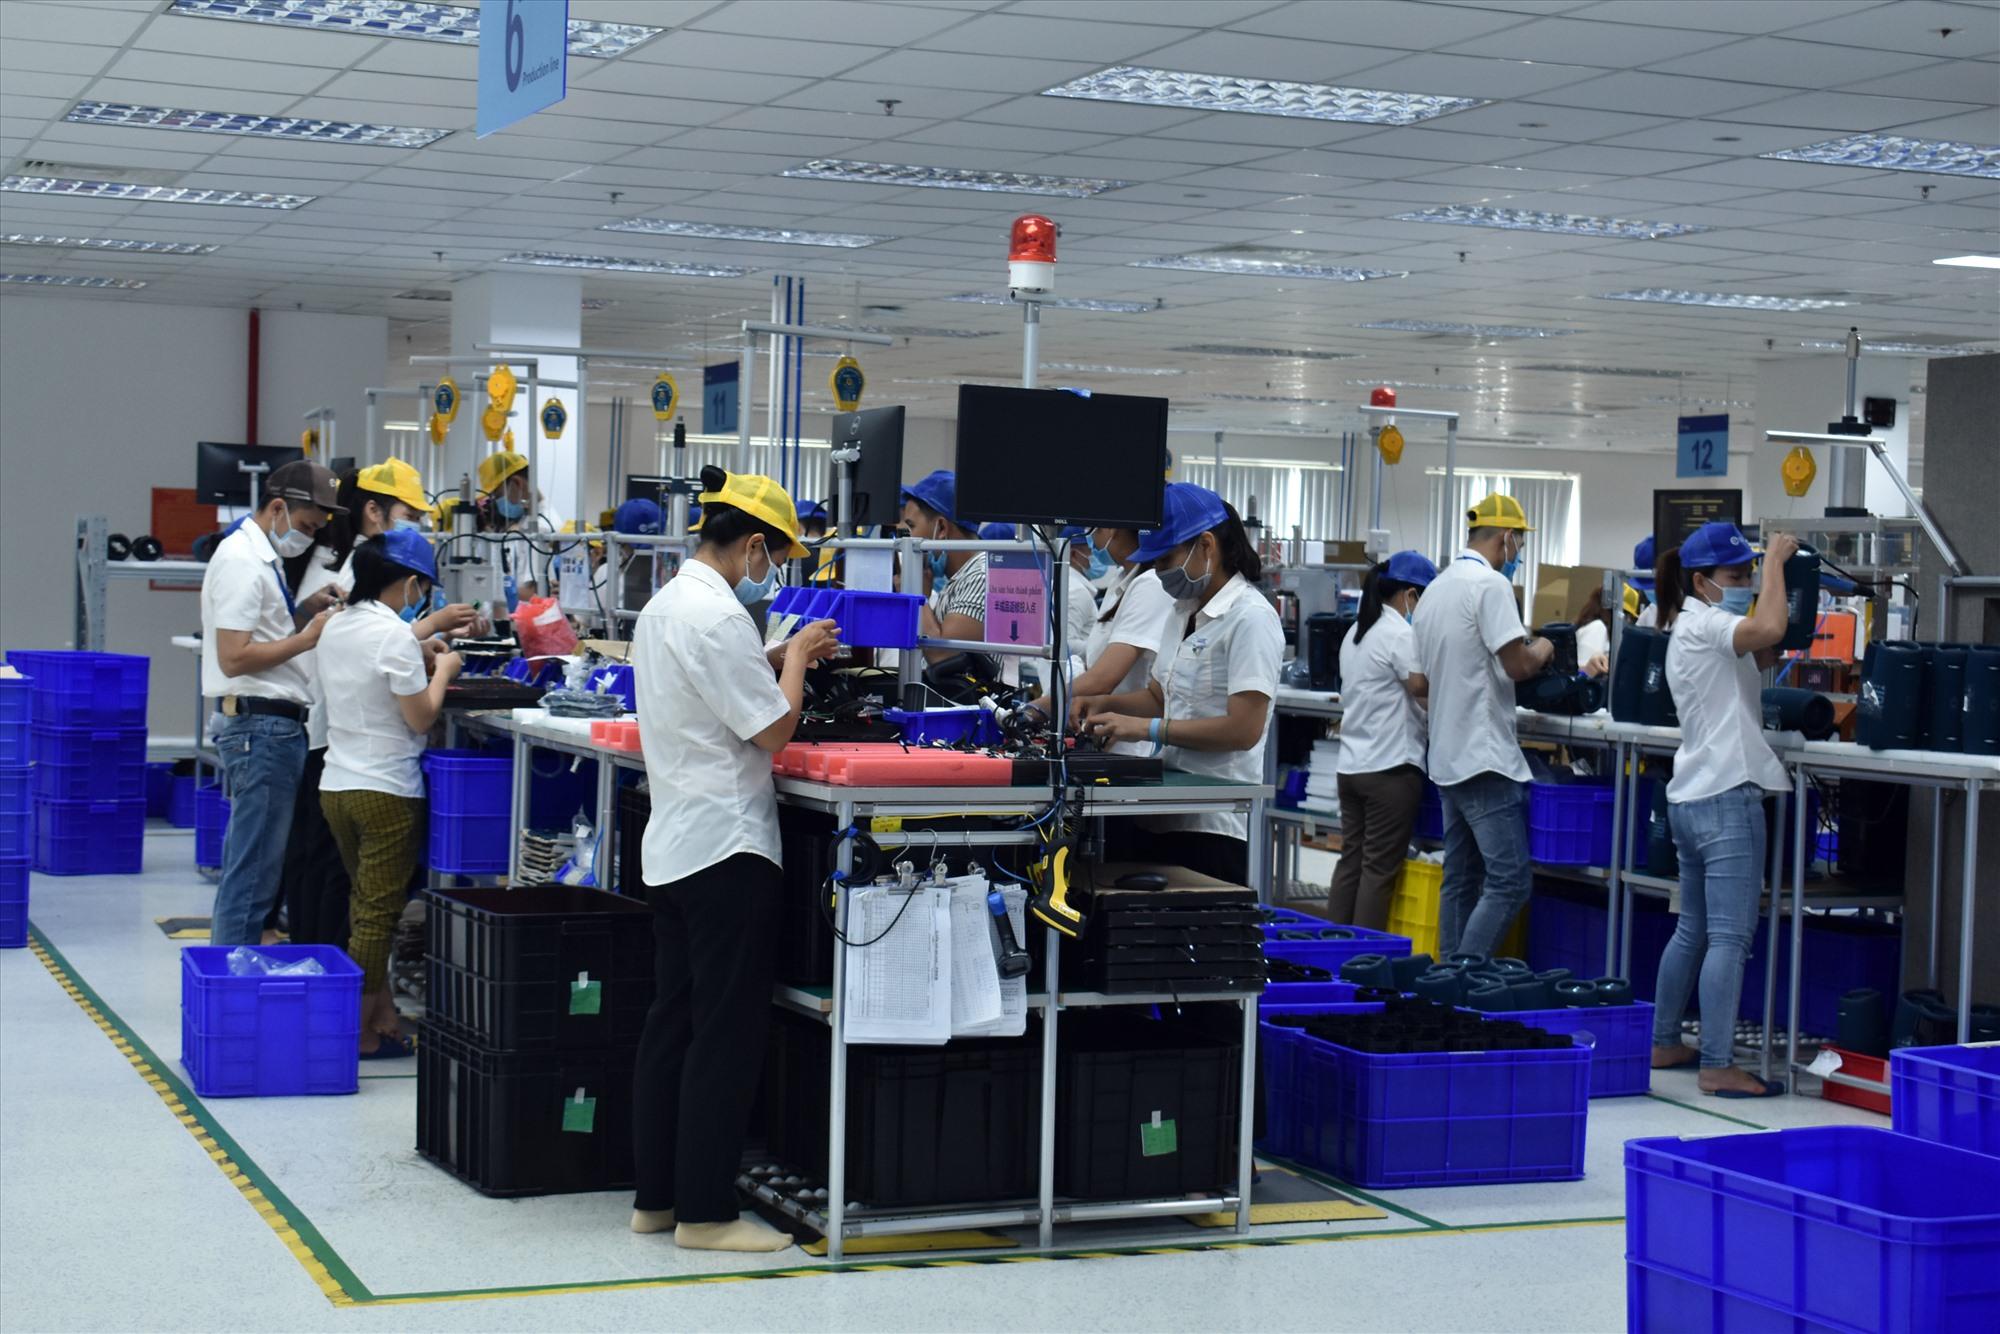 Doanh nghiệp trong Khu công nghiệp Điện Nam - Điện Ngọc hiện vẫn hoạt động bình thường. Ảnh: V.LỘC